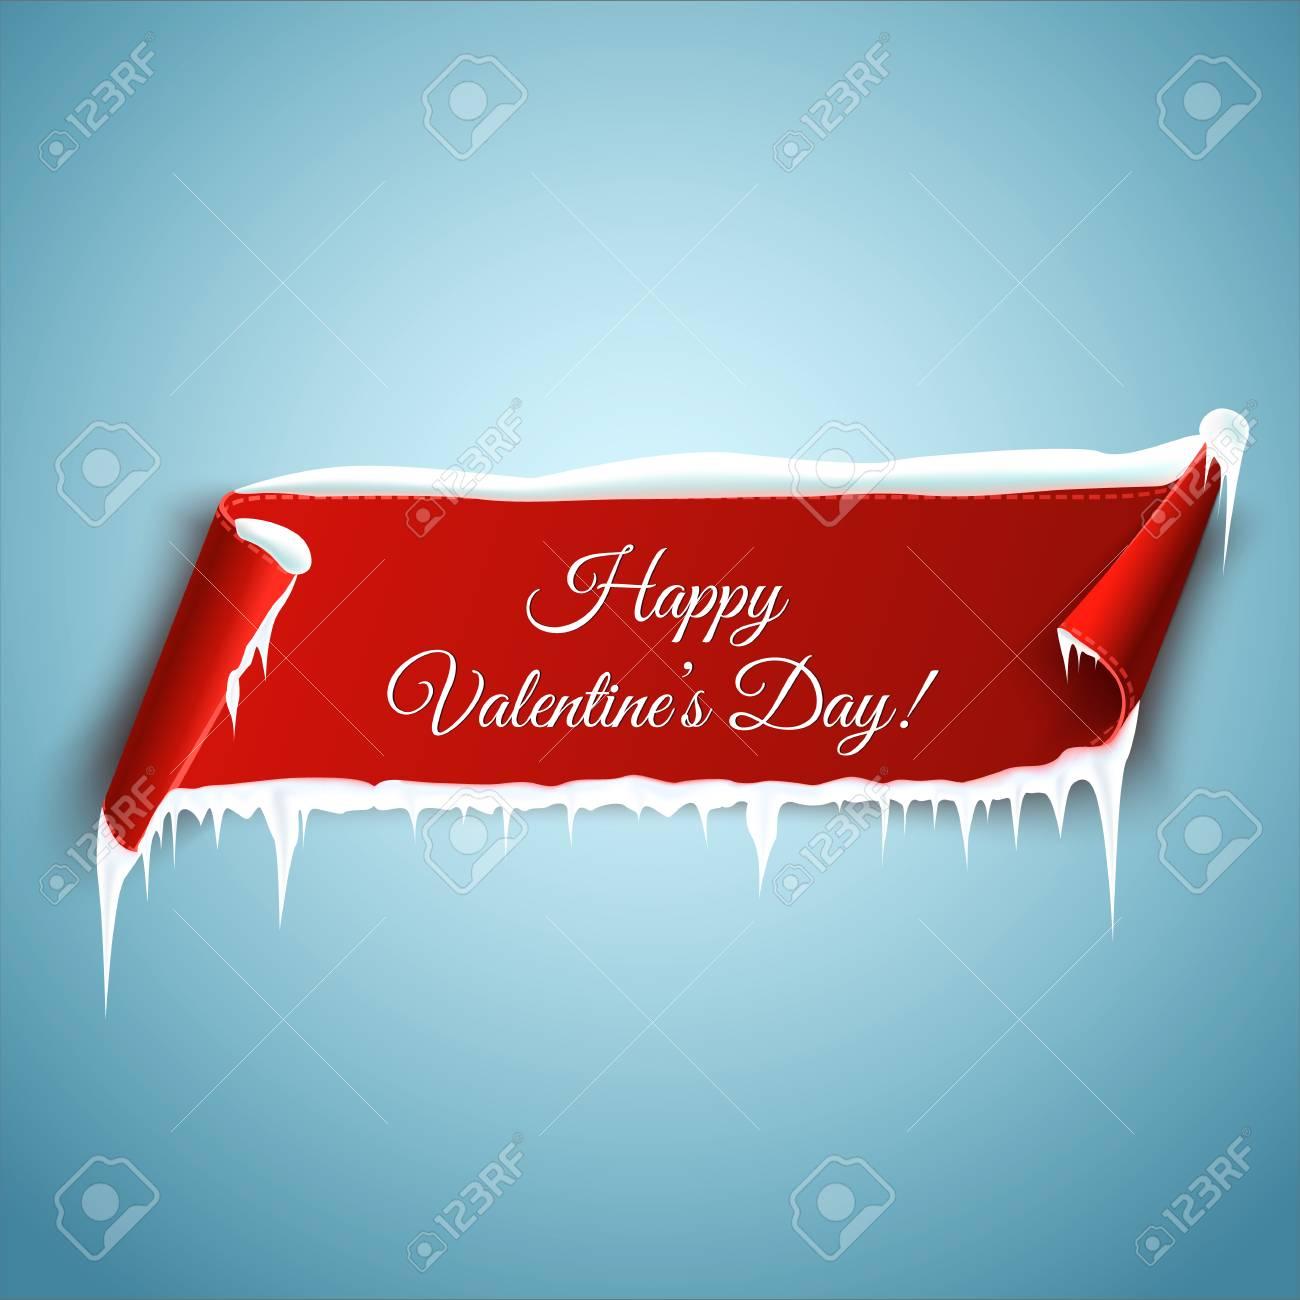 Feliz Día De San Valentín, Plantilla De Tarjeta De Felicitación ...